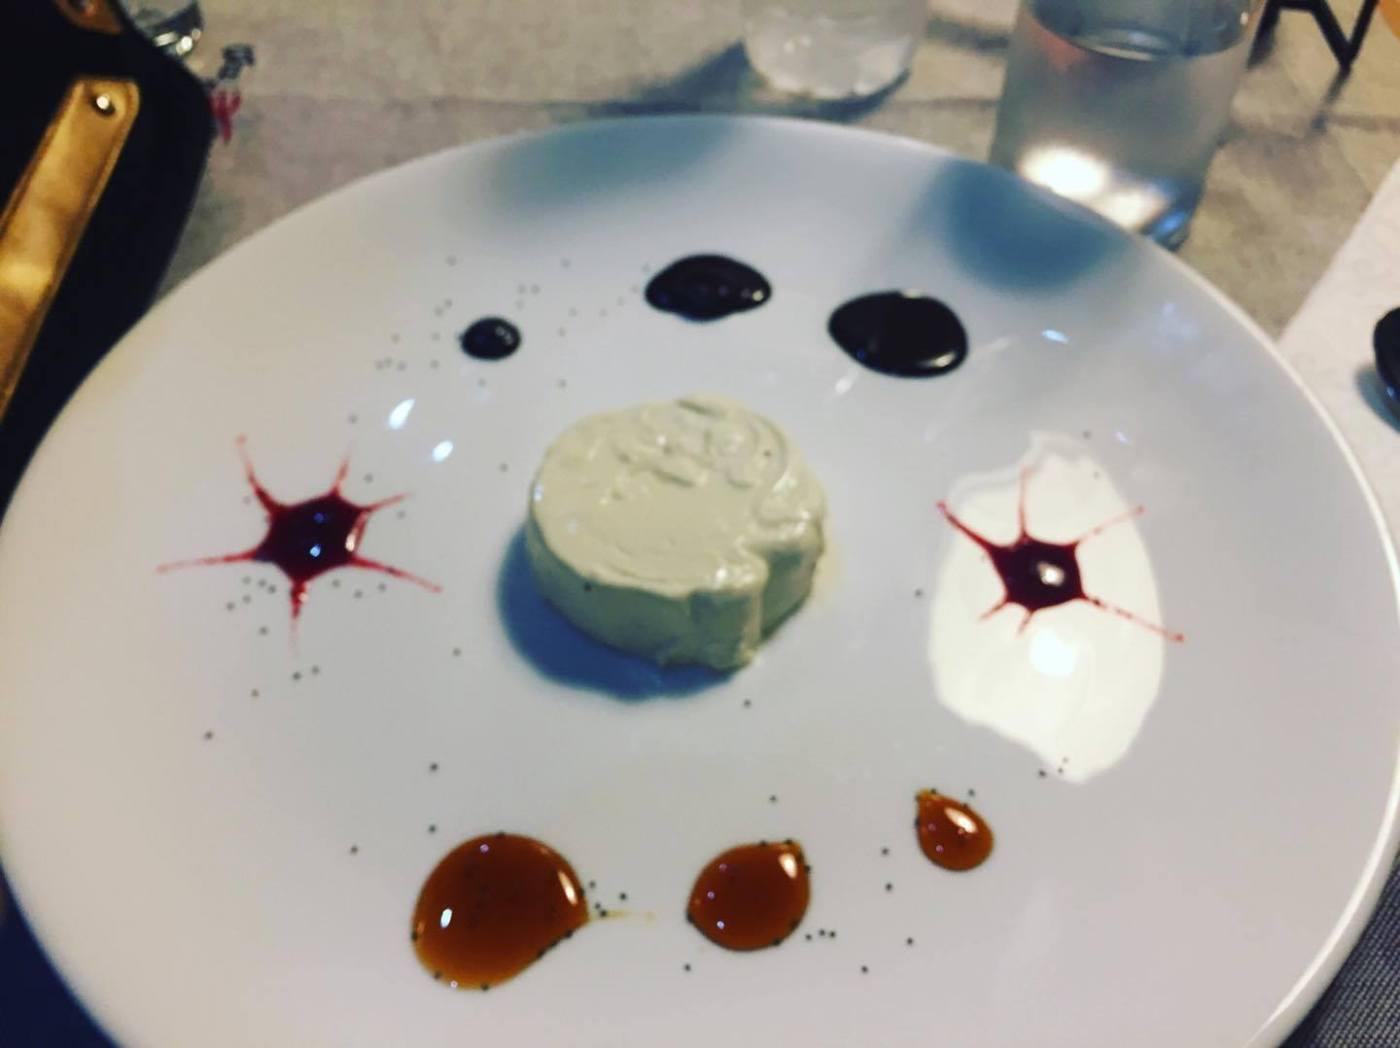 À la découverte de la panna cotta de Pasta e Pizze, serialfoodie, blog, blogger, food, foodie, civ, ci225, team 225, abidjan, critique culinaire